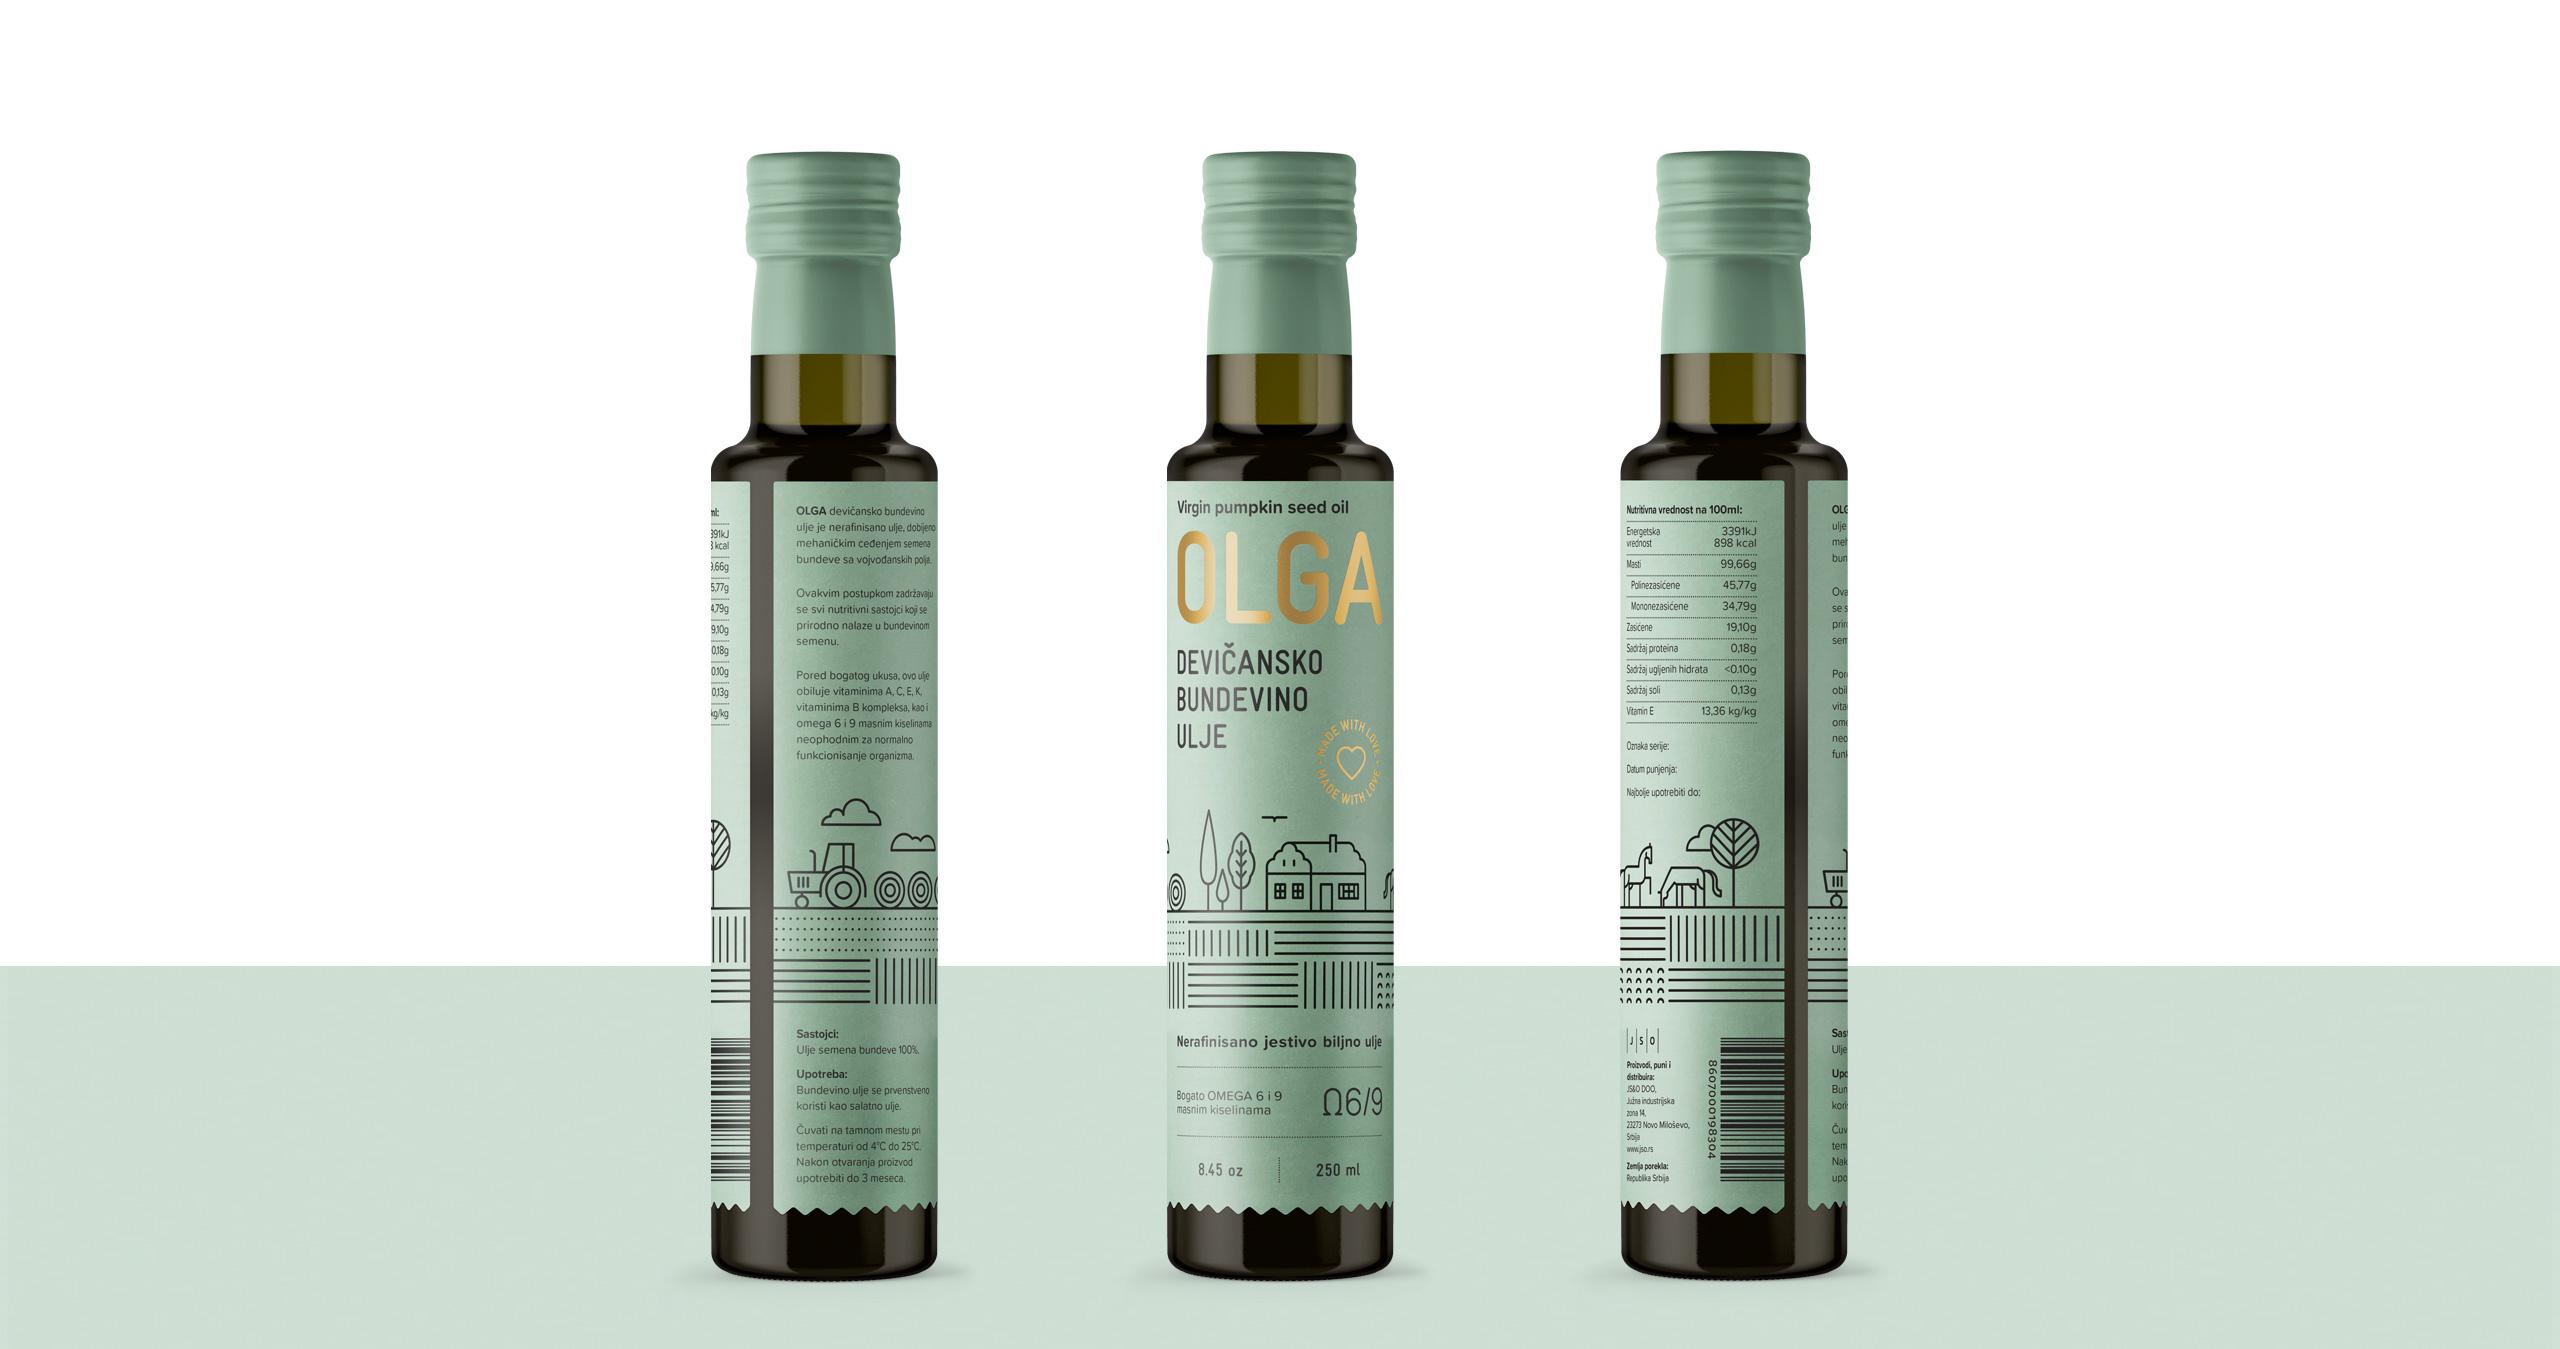 Olga Pumpkin Seed Oil Packaging Design by Metaklinika